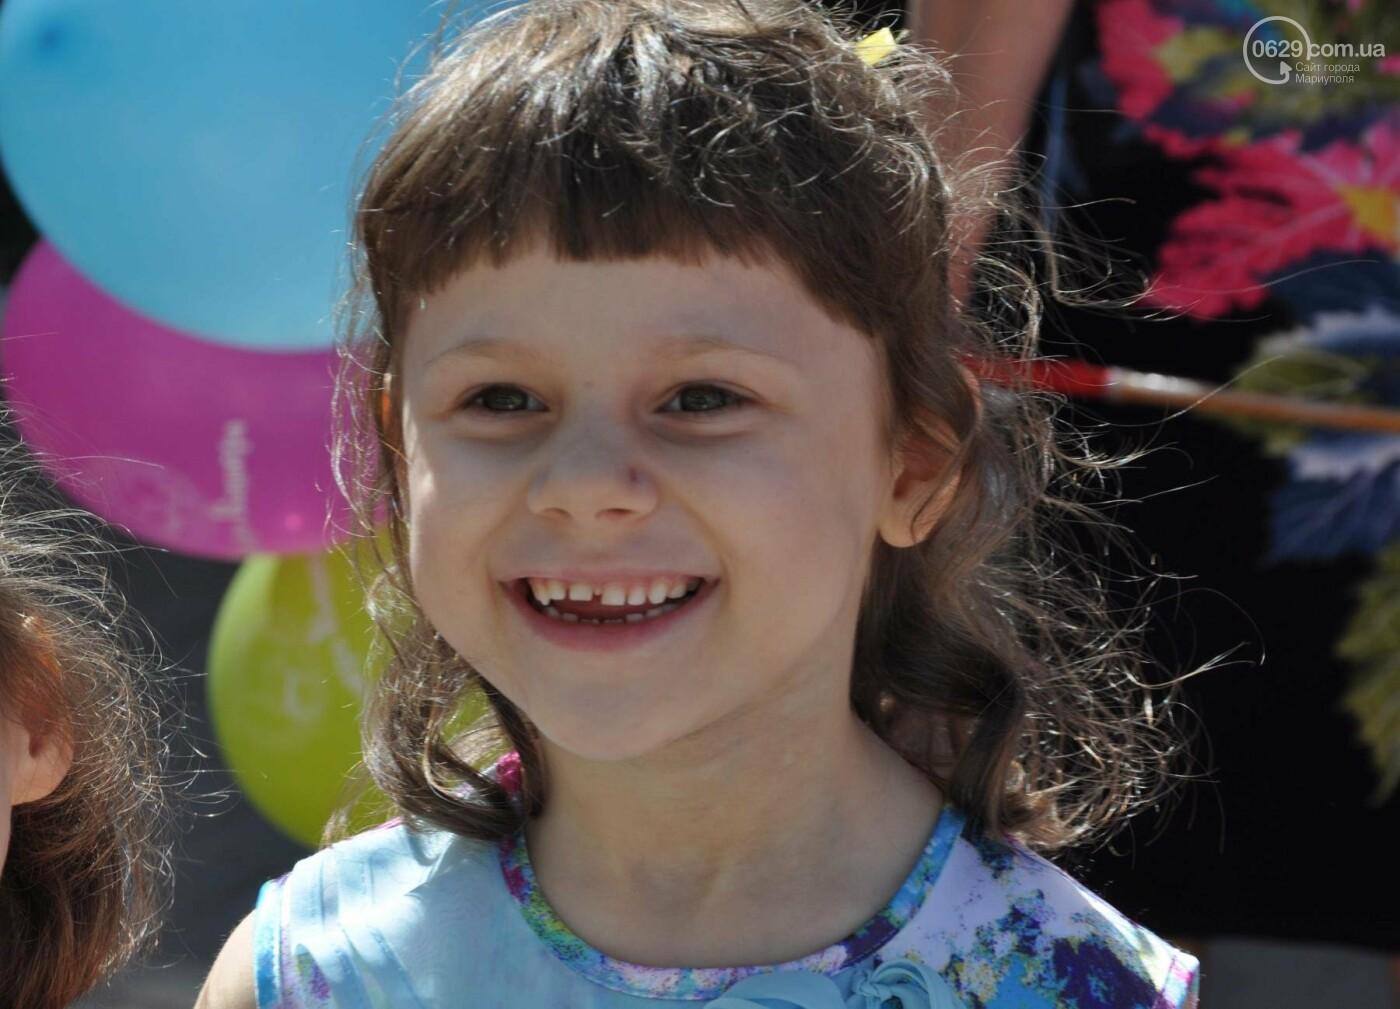 В аптеке «Азовфарм» провели праздник для детей и разыграли призы, фото-16